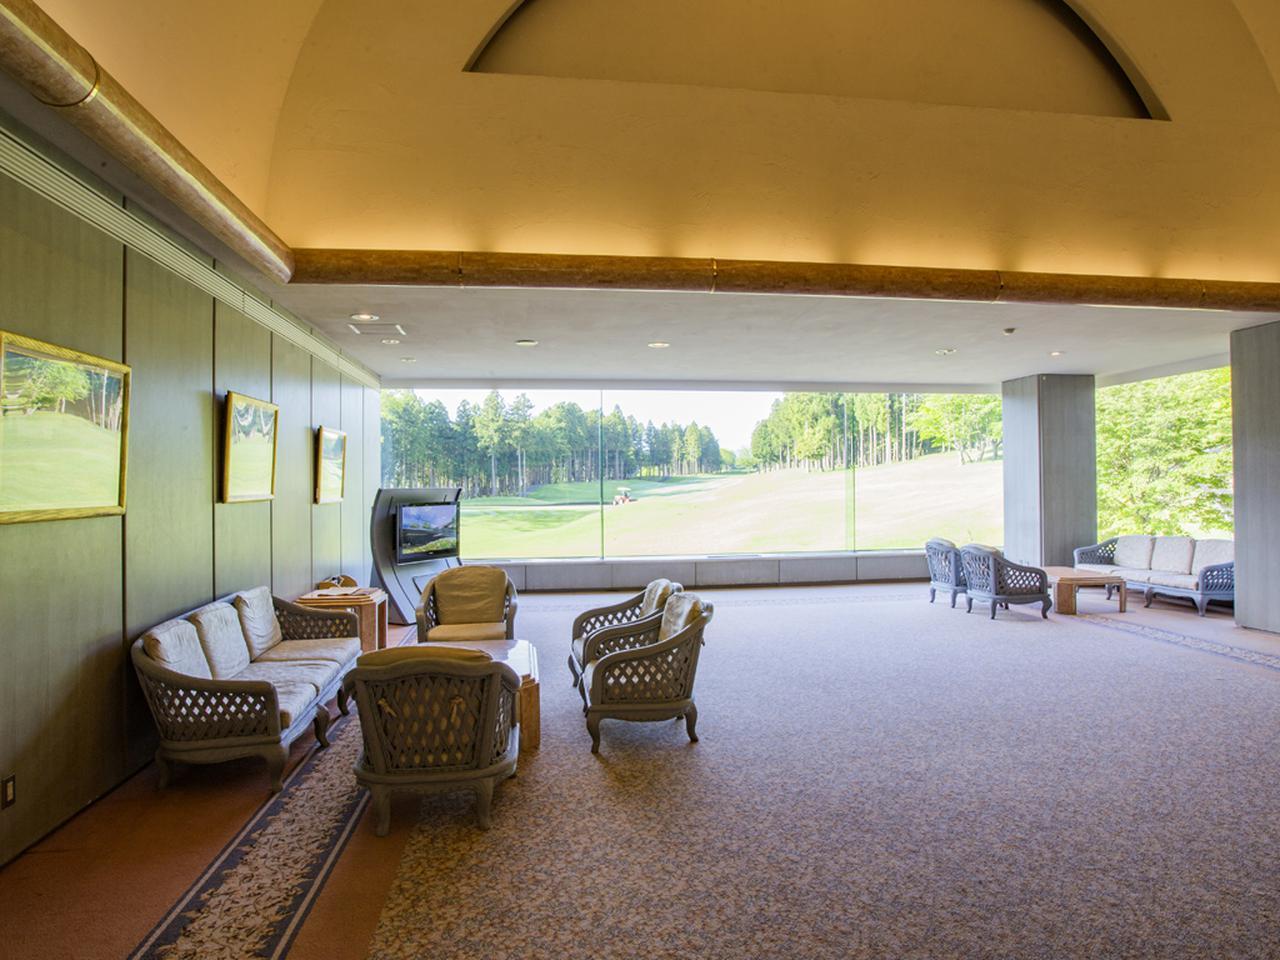 画像: 玄関の対面はラウンジとして応接セットが置かれているが、コースが絵画のように見える